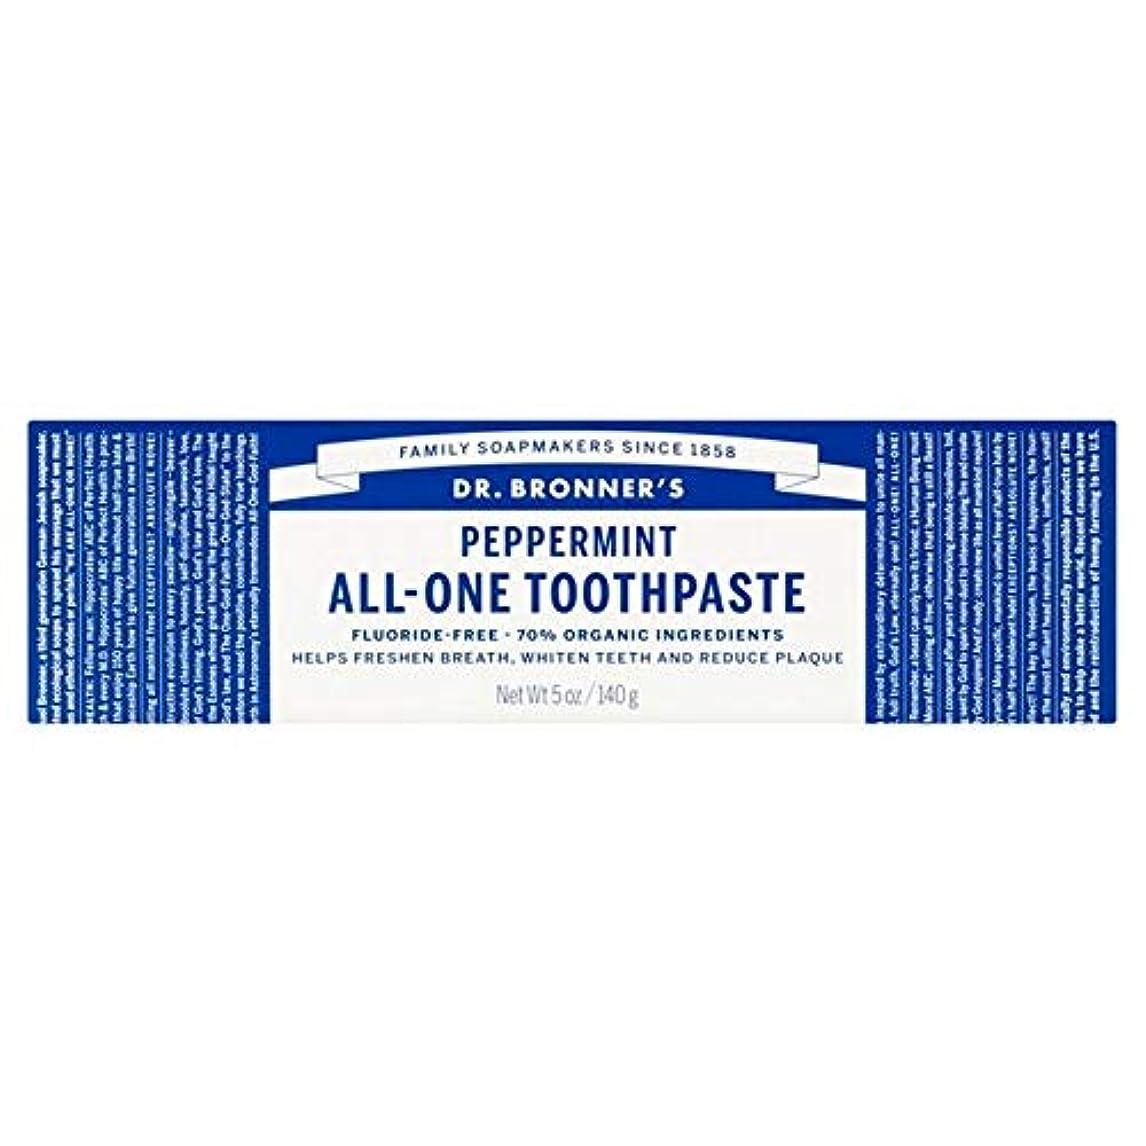 お酢吹雪マニフェスト[Dr Bronner] Dr。ブロナーズ歯磨き粉すべて1、ペパーミント148ミリリットル - Dr. Bronner's Toothpaste All One, Peppermint 148ml [並行輸入品]